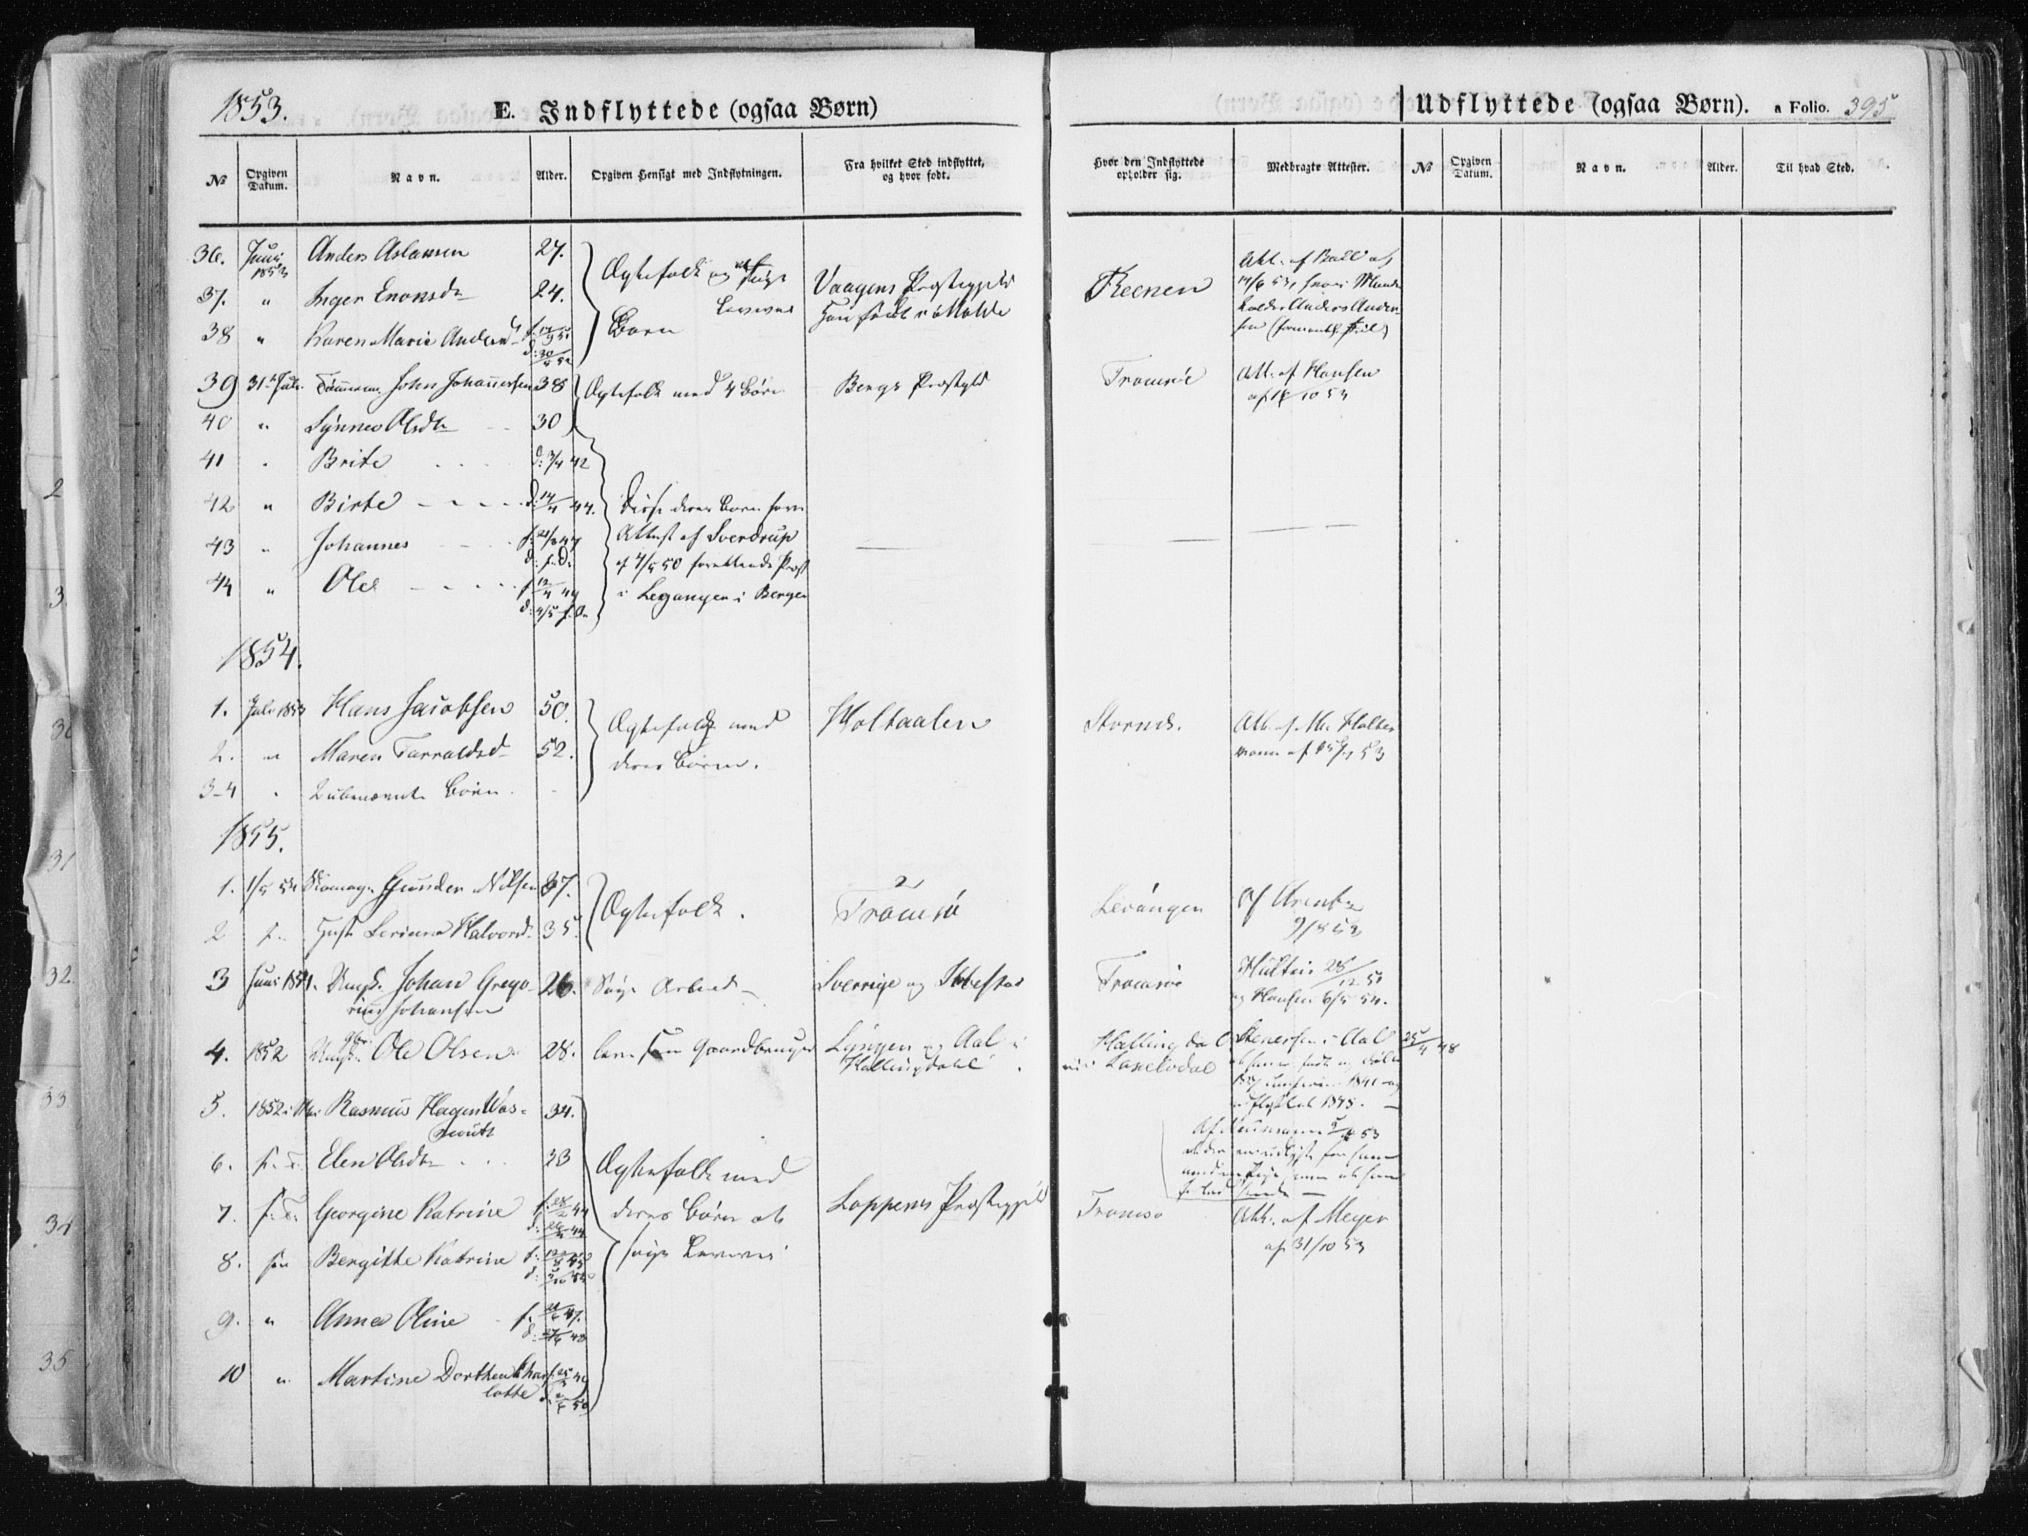 SATØ, Tromsø sokneprestkontor/stiftsprosti/domprosti, G/Ga/L0010kirke: Ministerialbok nr. 10, 1848-1855, s. 395